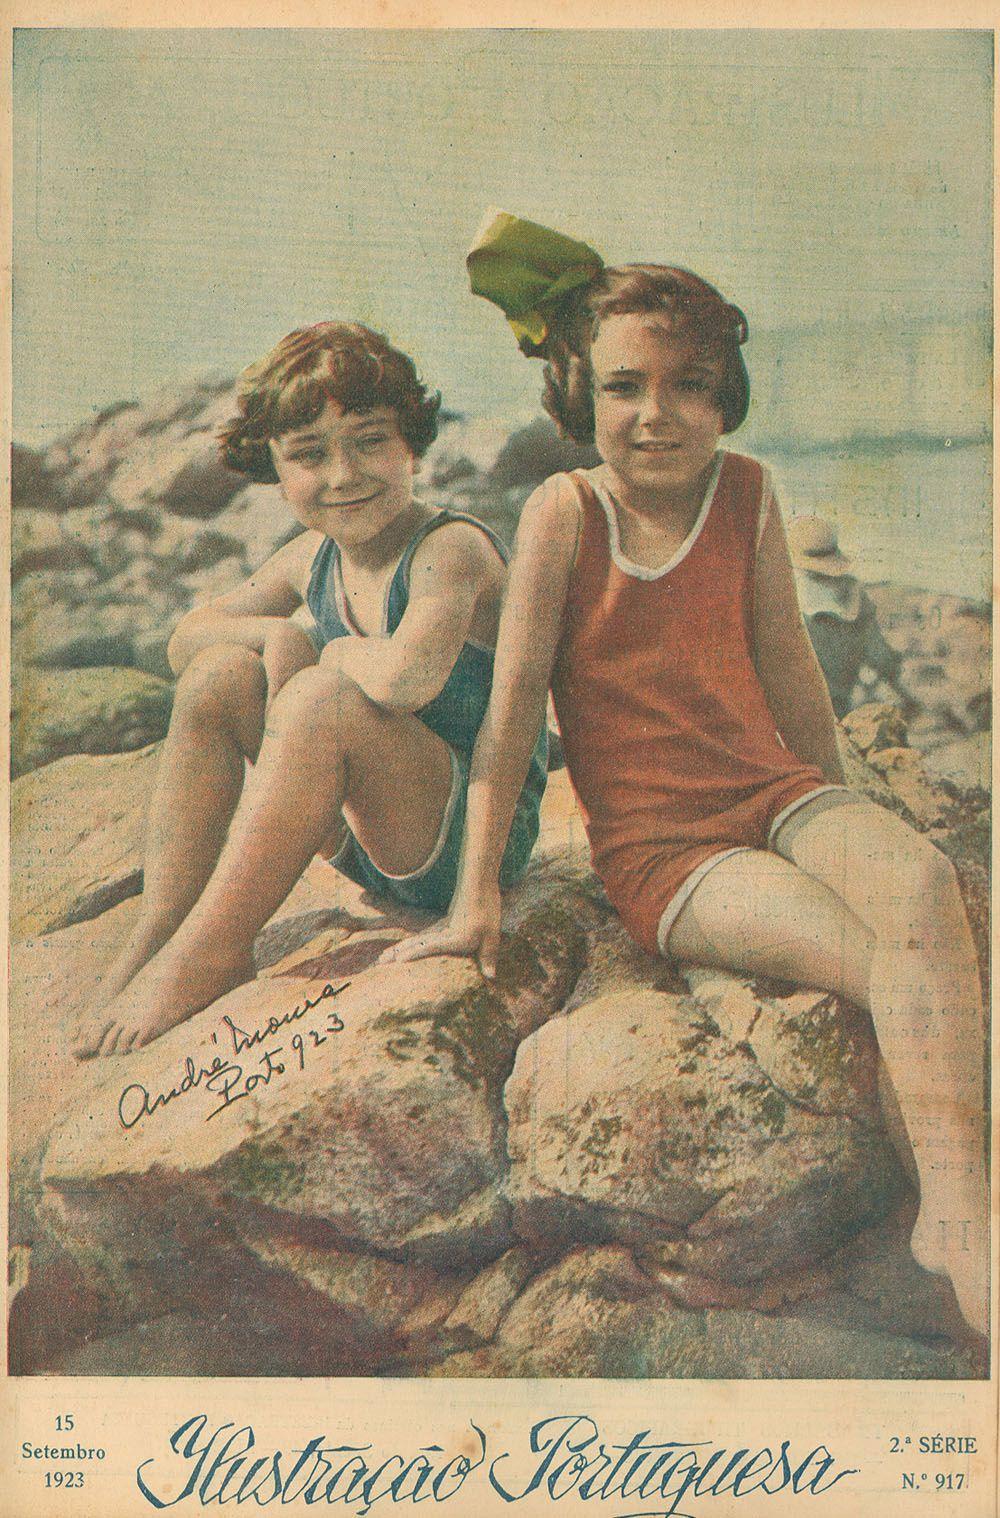 1923 - Ilustração Portuguesa  Children at the beach